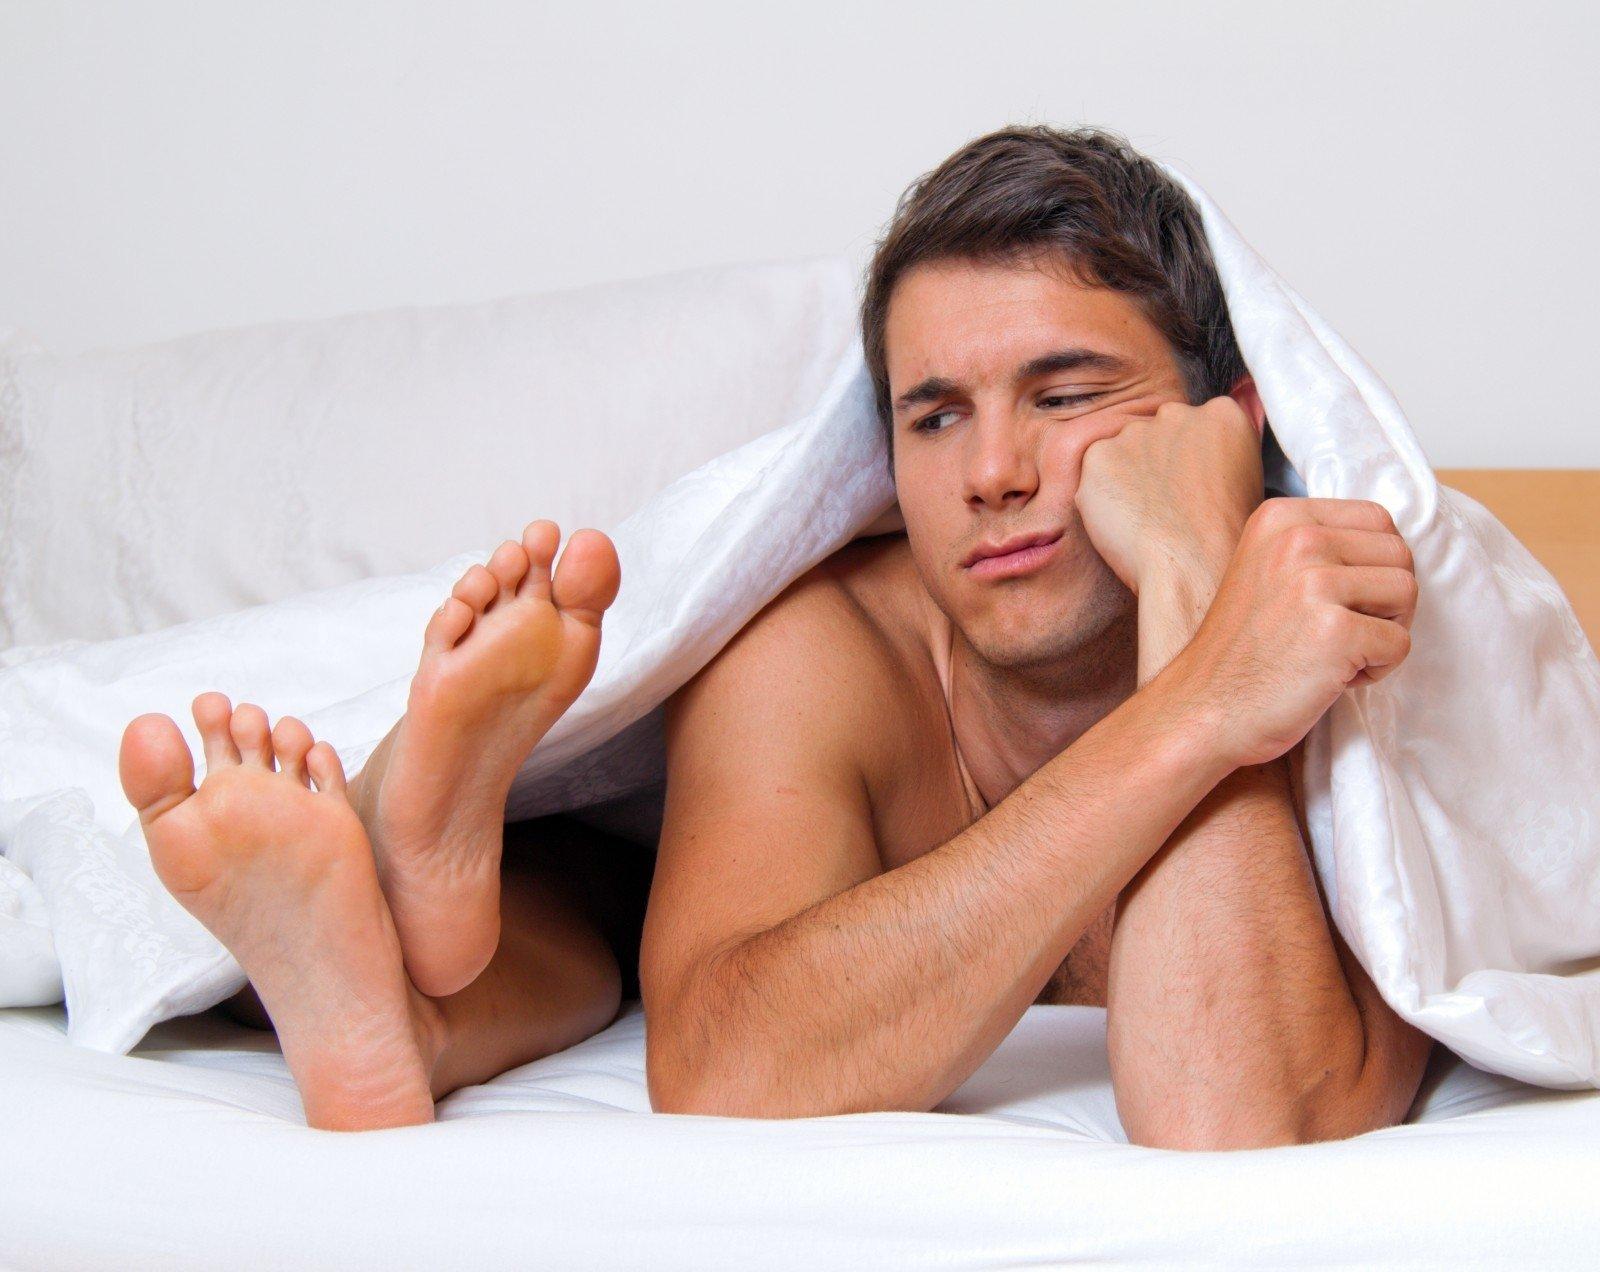 Atskleidė, ką vyrai laiko smūgiu savo vyriškumui: yra būdų, kaip išspręsti tokias problemas